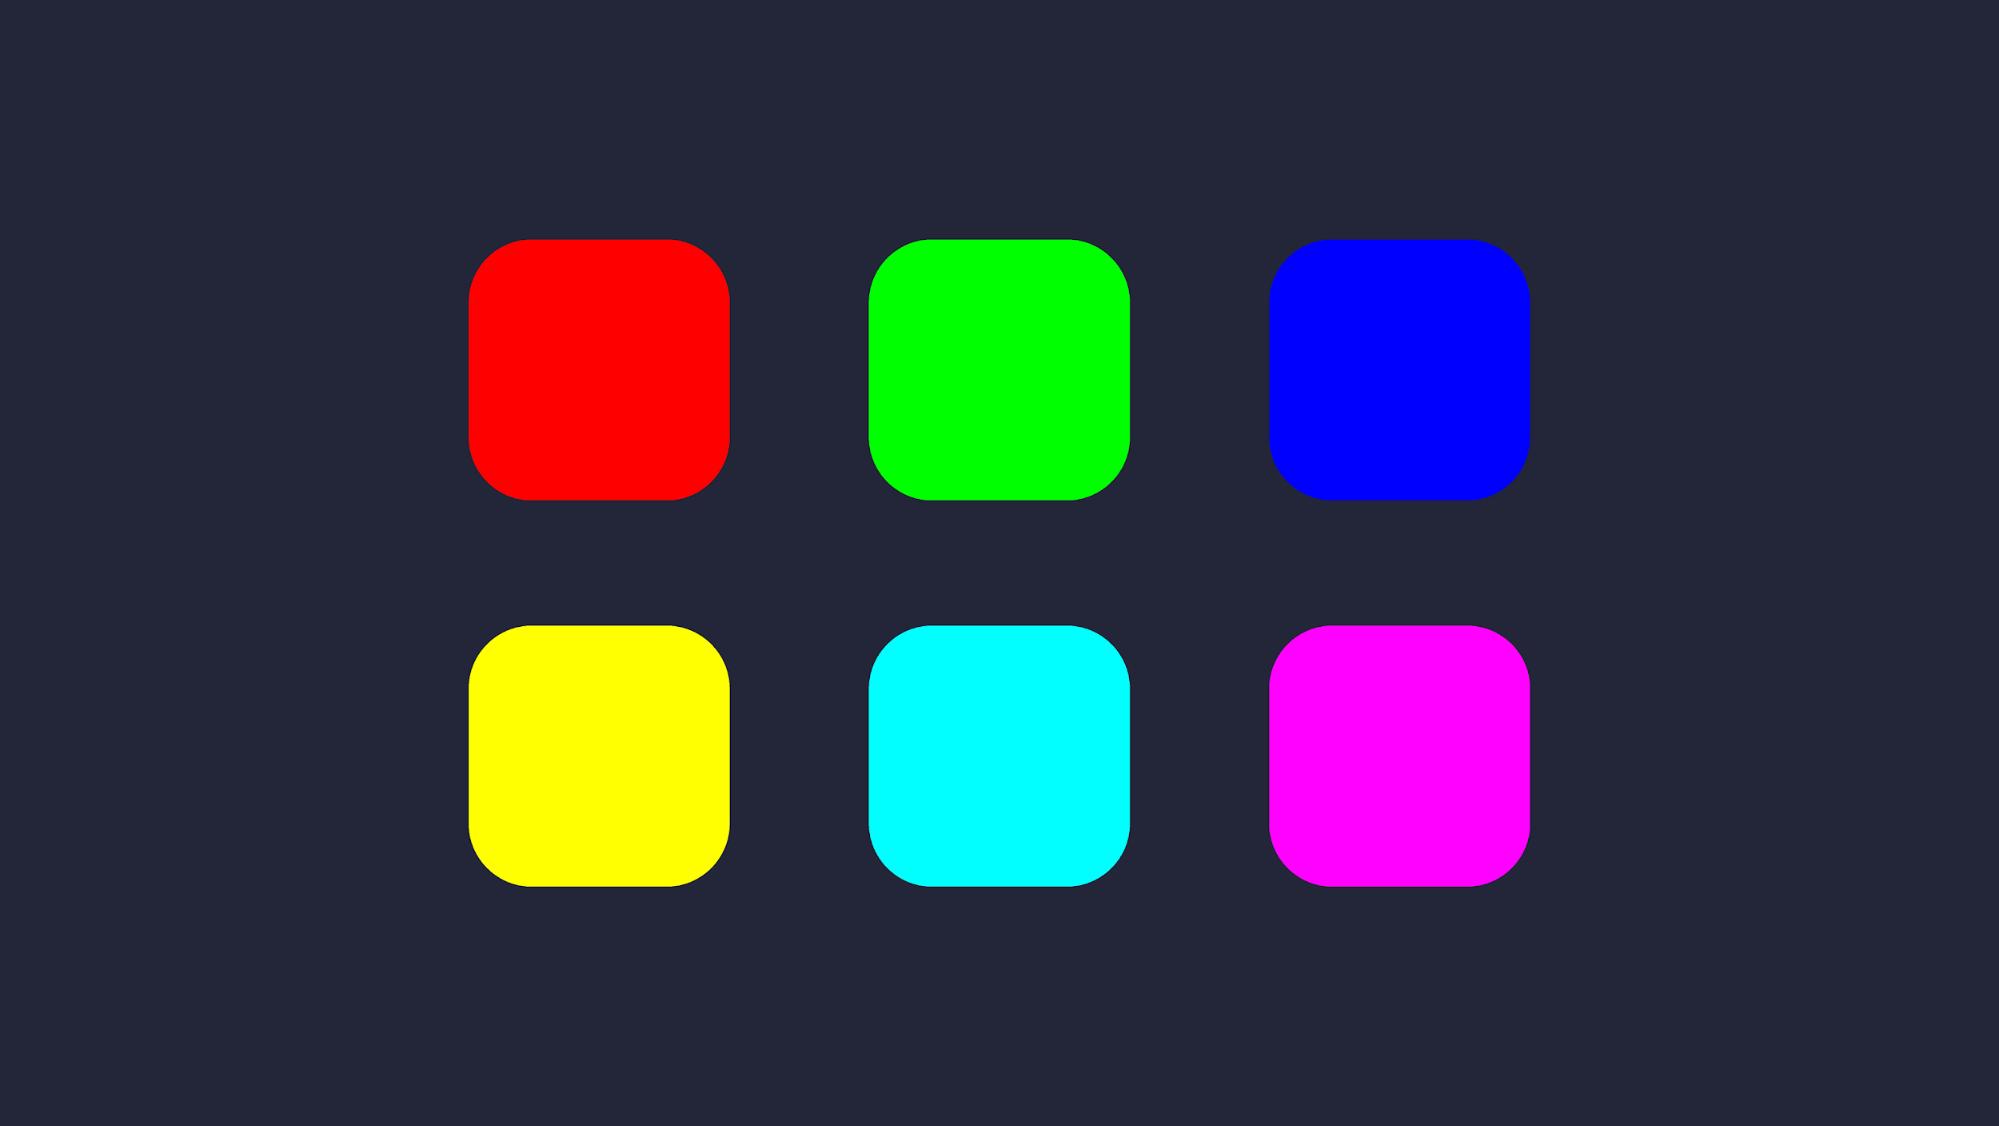 Гид по сленгу дизайнеров: что такое чистые цвета